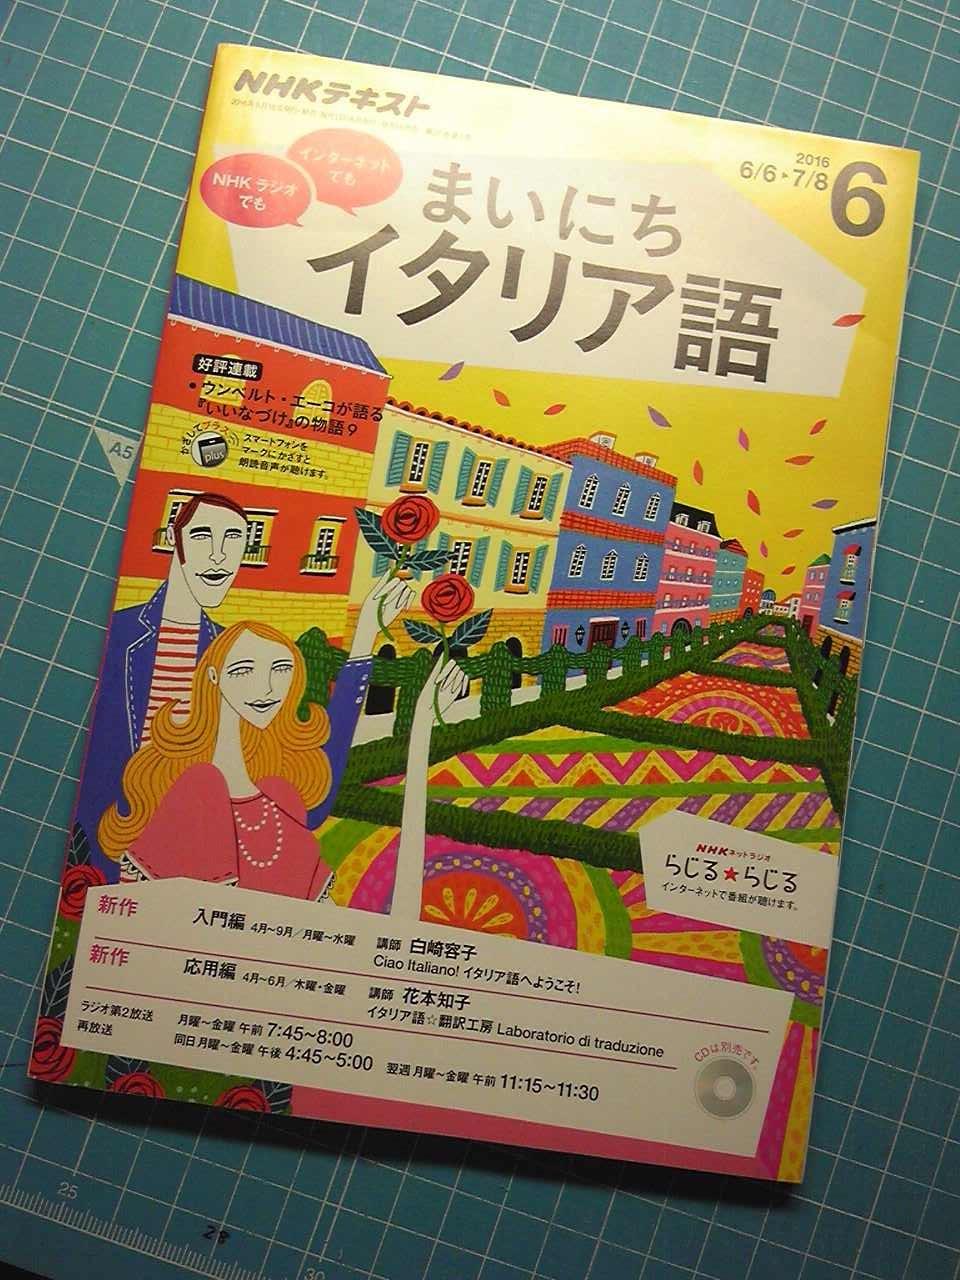 NHKラジオイタリア語講座テキスト6月号に私の投稿が載っていますので見て下さいね〜_c0061896_19072447.jpg